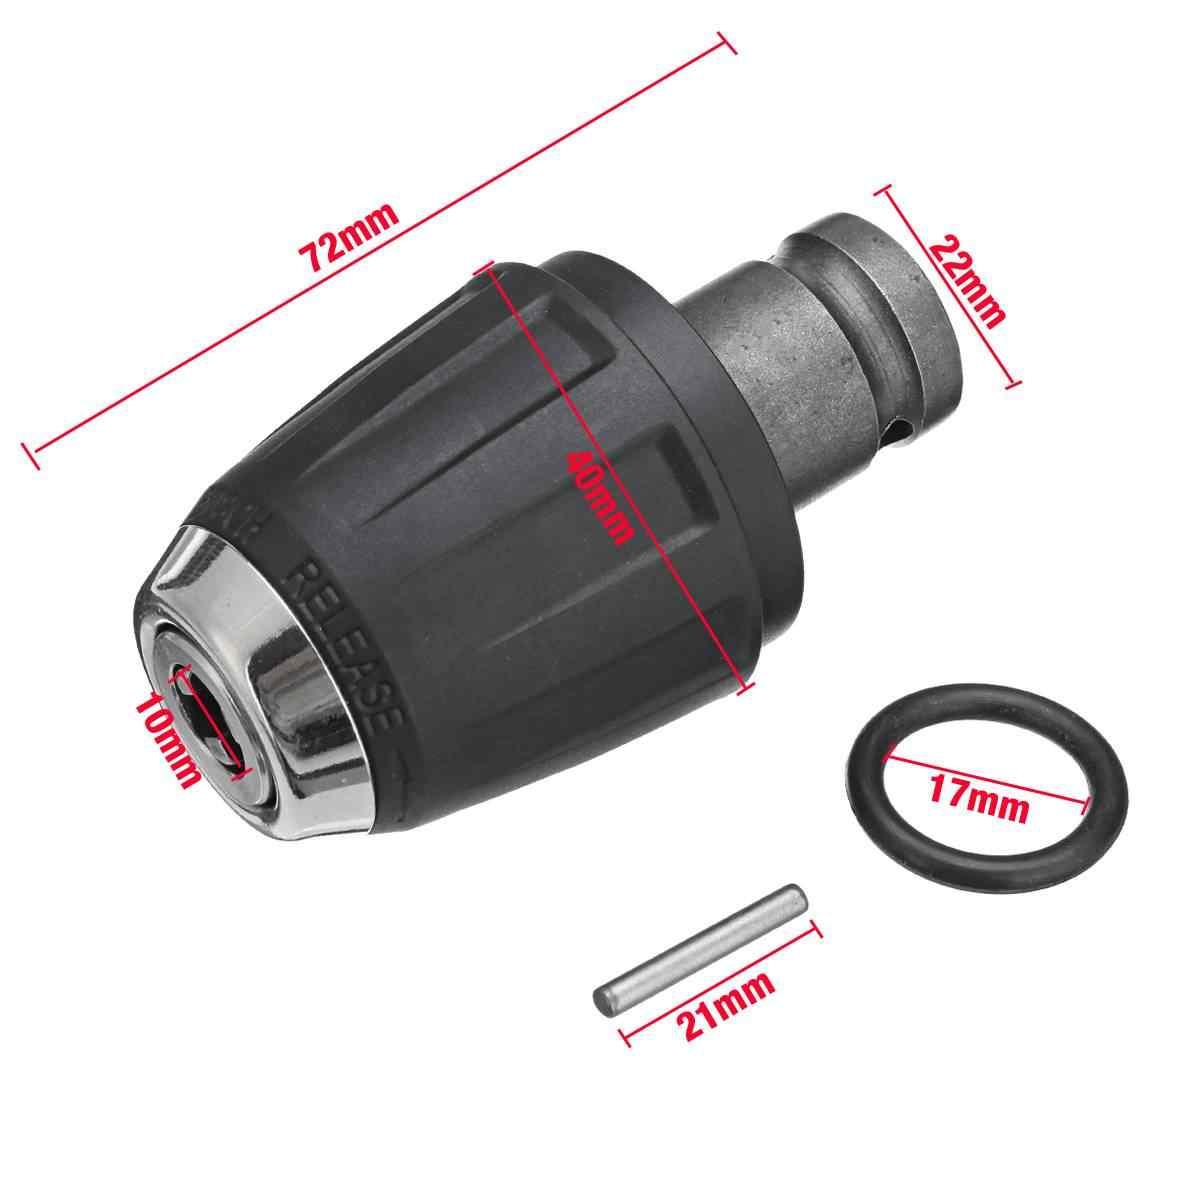 """1 pces aço preto 1/2 """"12.5mm drill mandris adaptador auto-travamento cabeça/ferro chuck chave elétrica acessórios"""